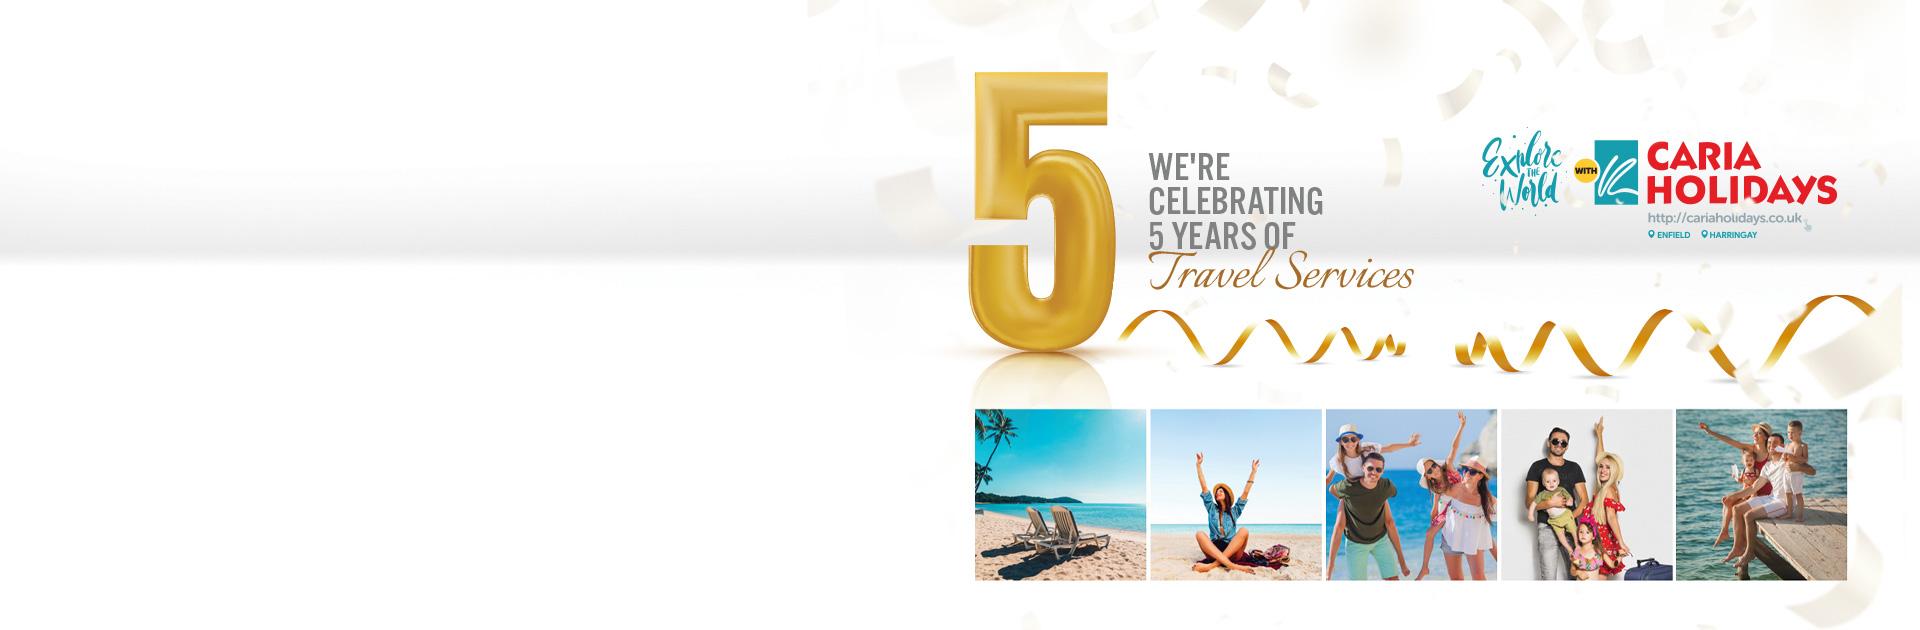 5 Years of Travel Service Anniversary